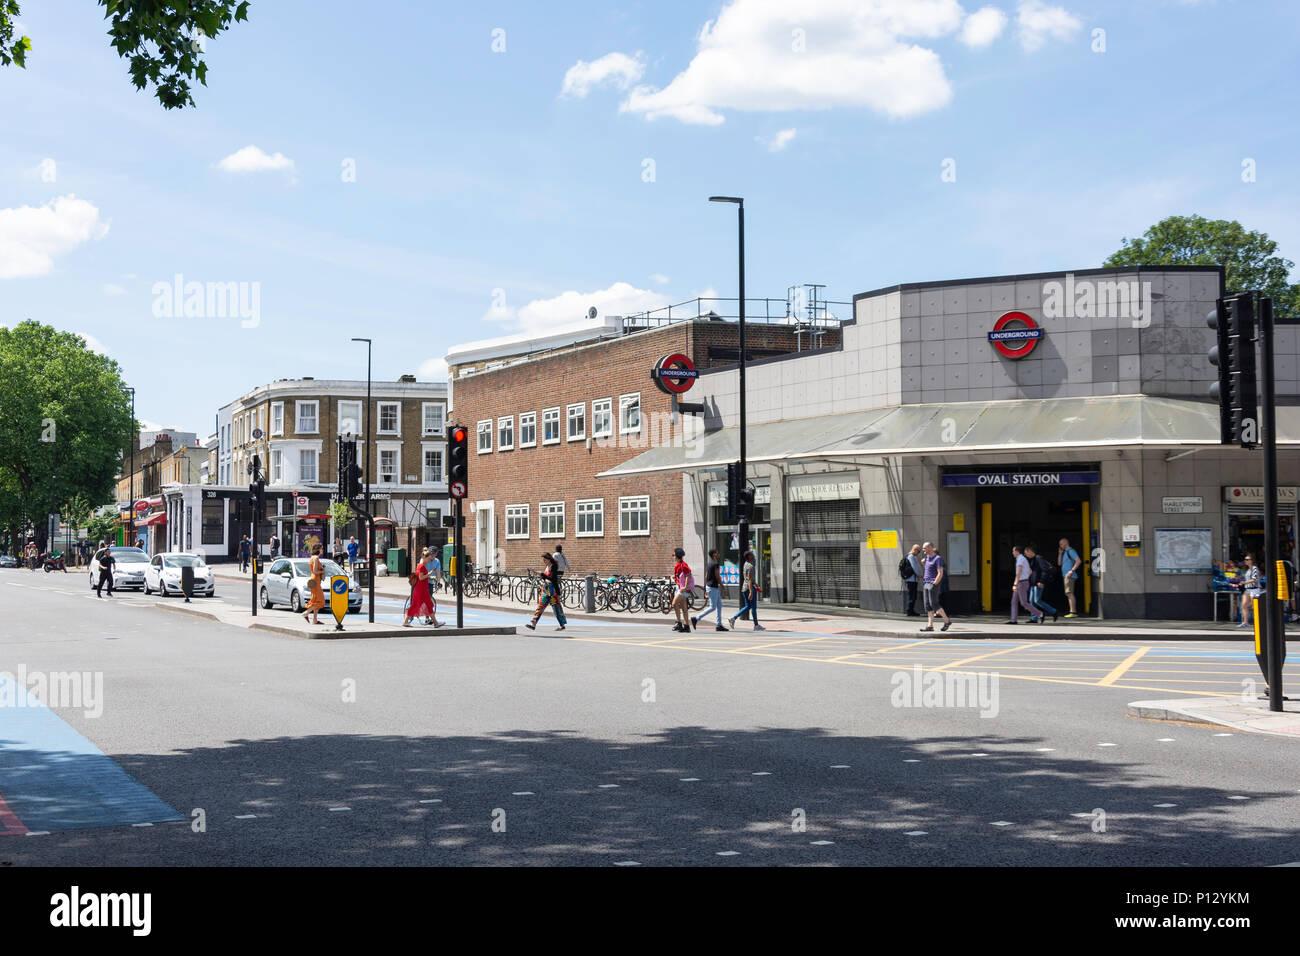 Oval Underground Station, Clapham Road, Kennington, London Borough of Lambeth, Greater London, England, United Kingdom - Stock Image